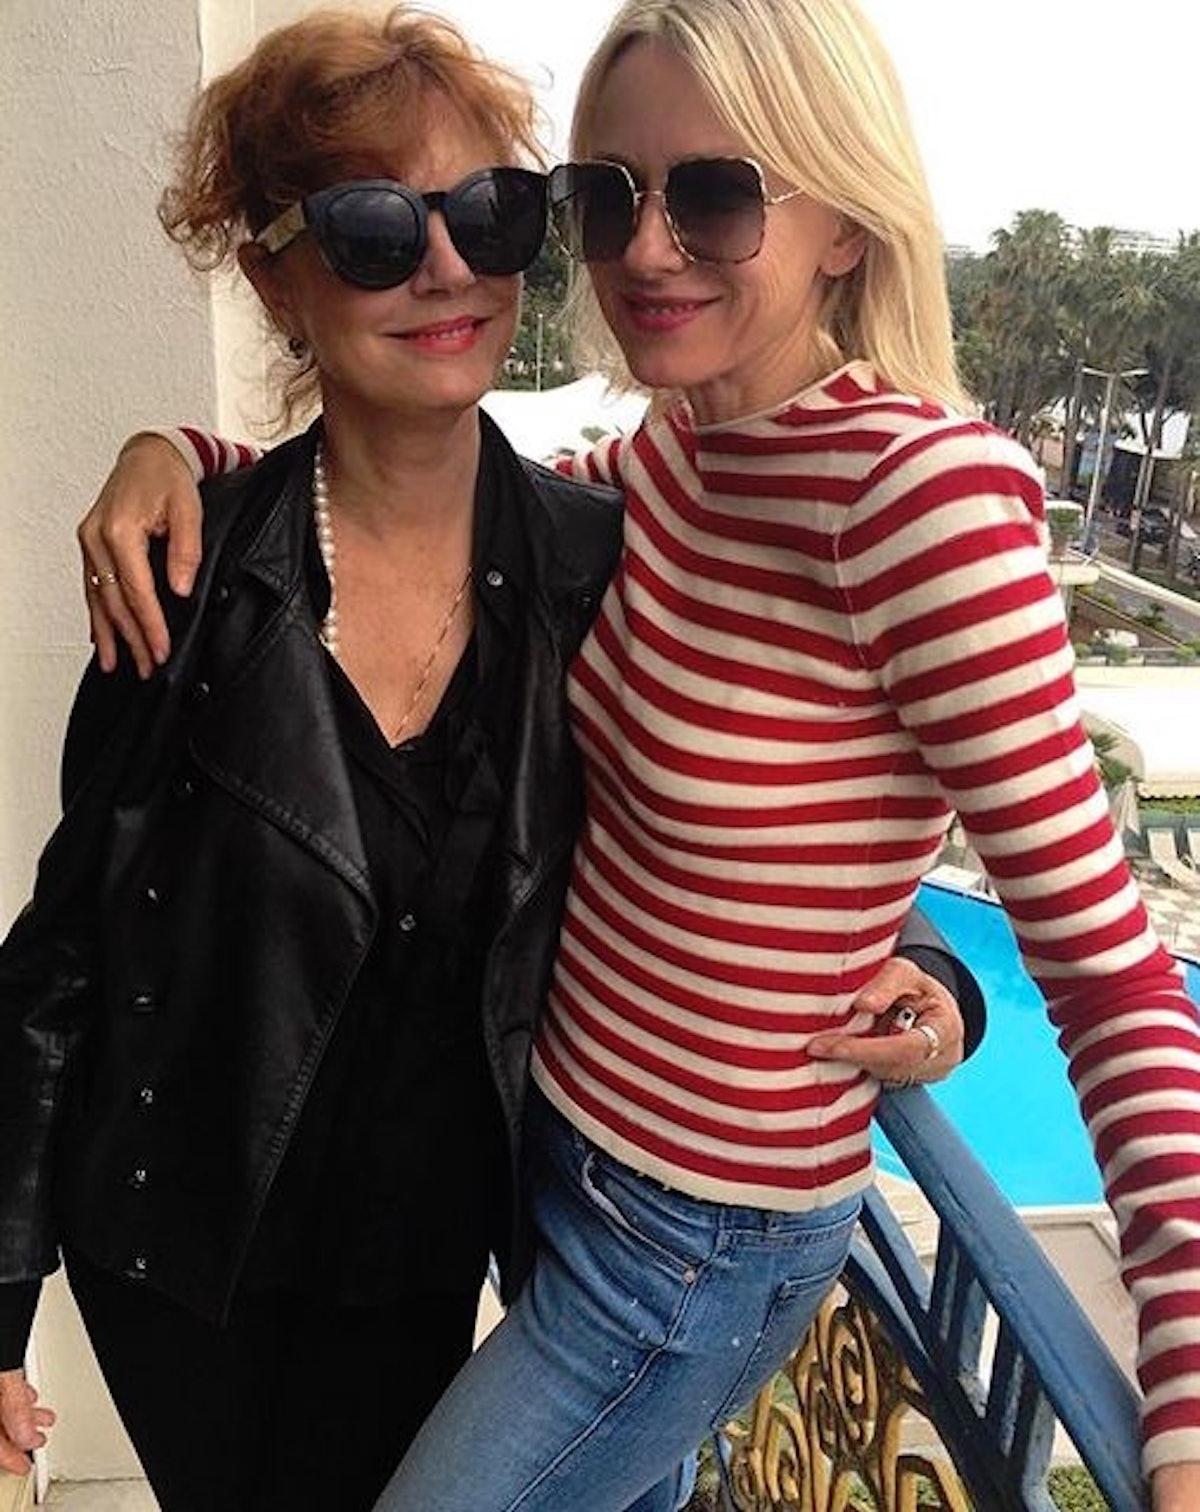 Susan Sarandon and Naomi Watts